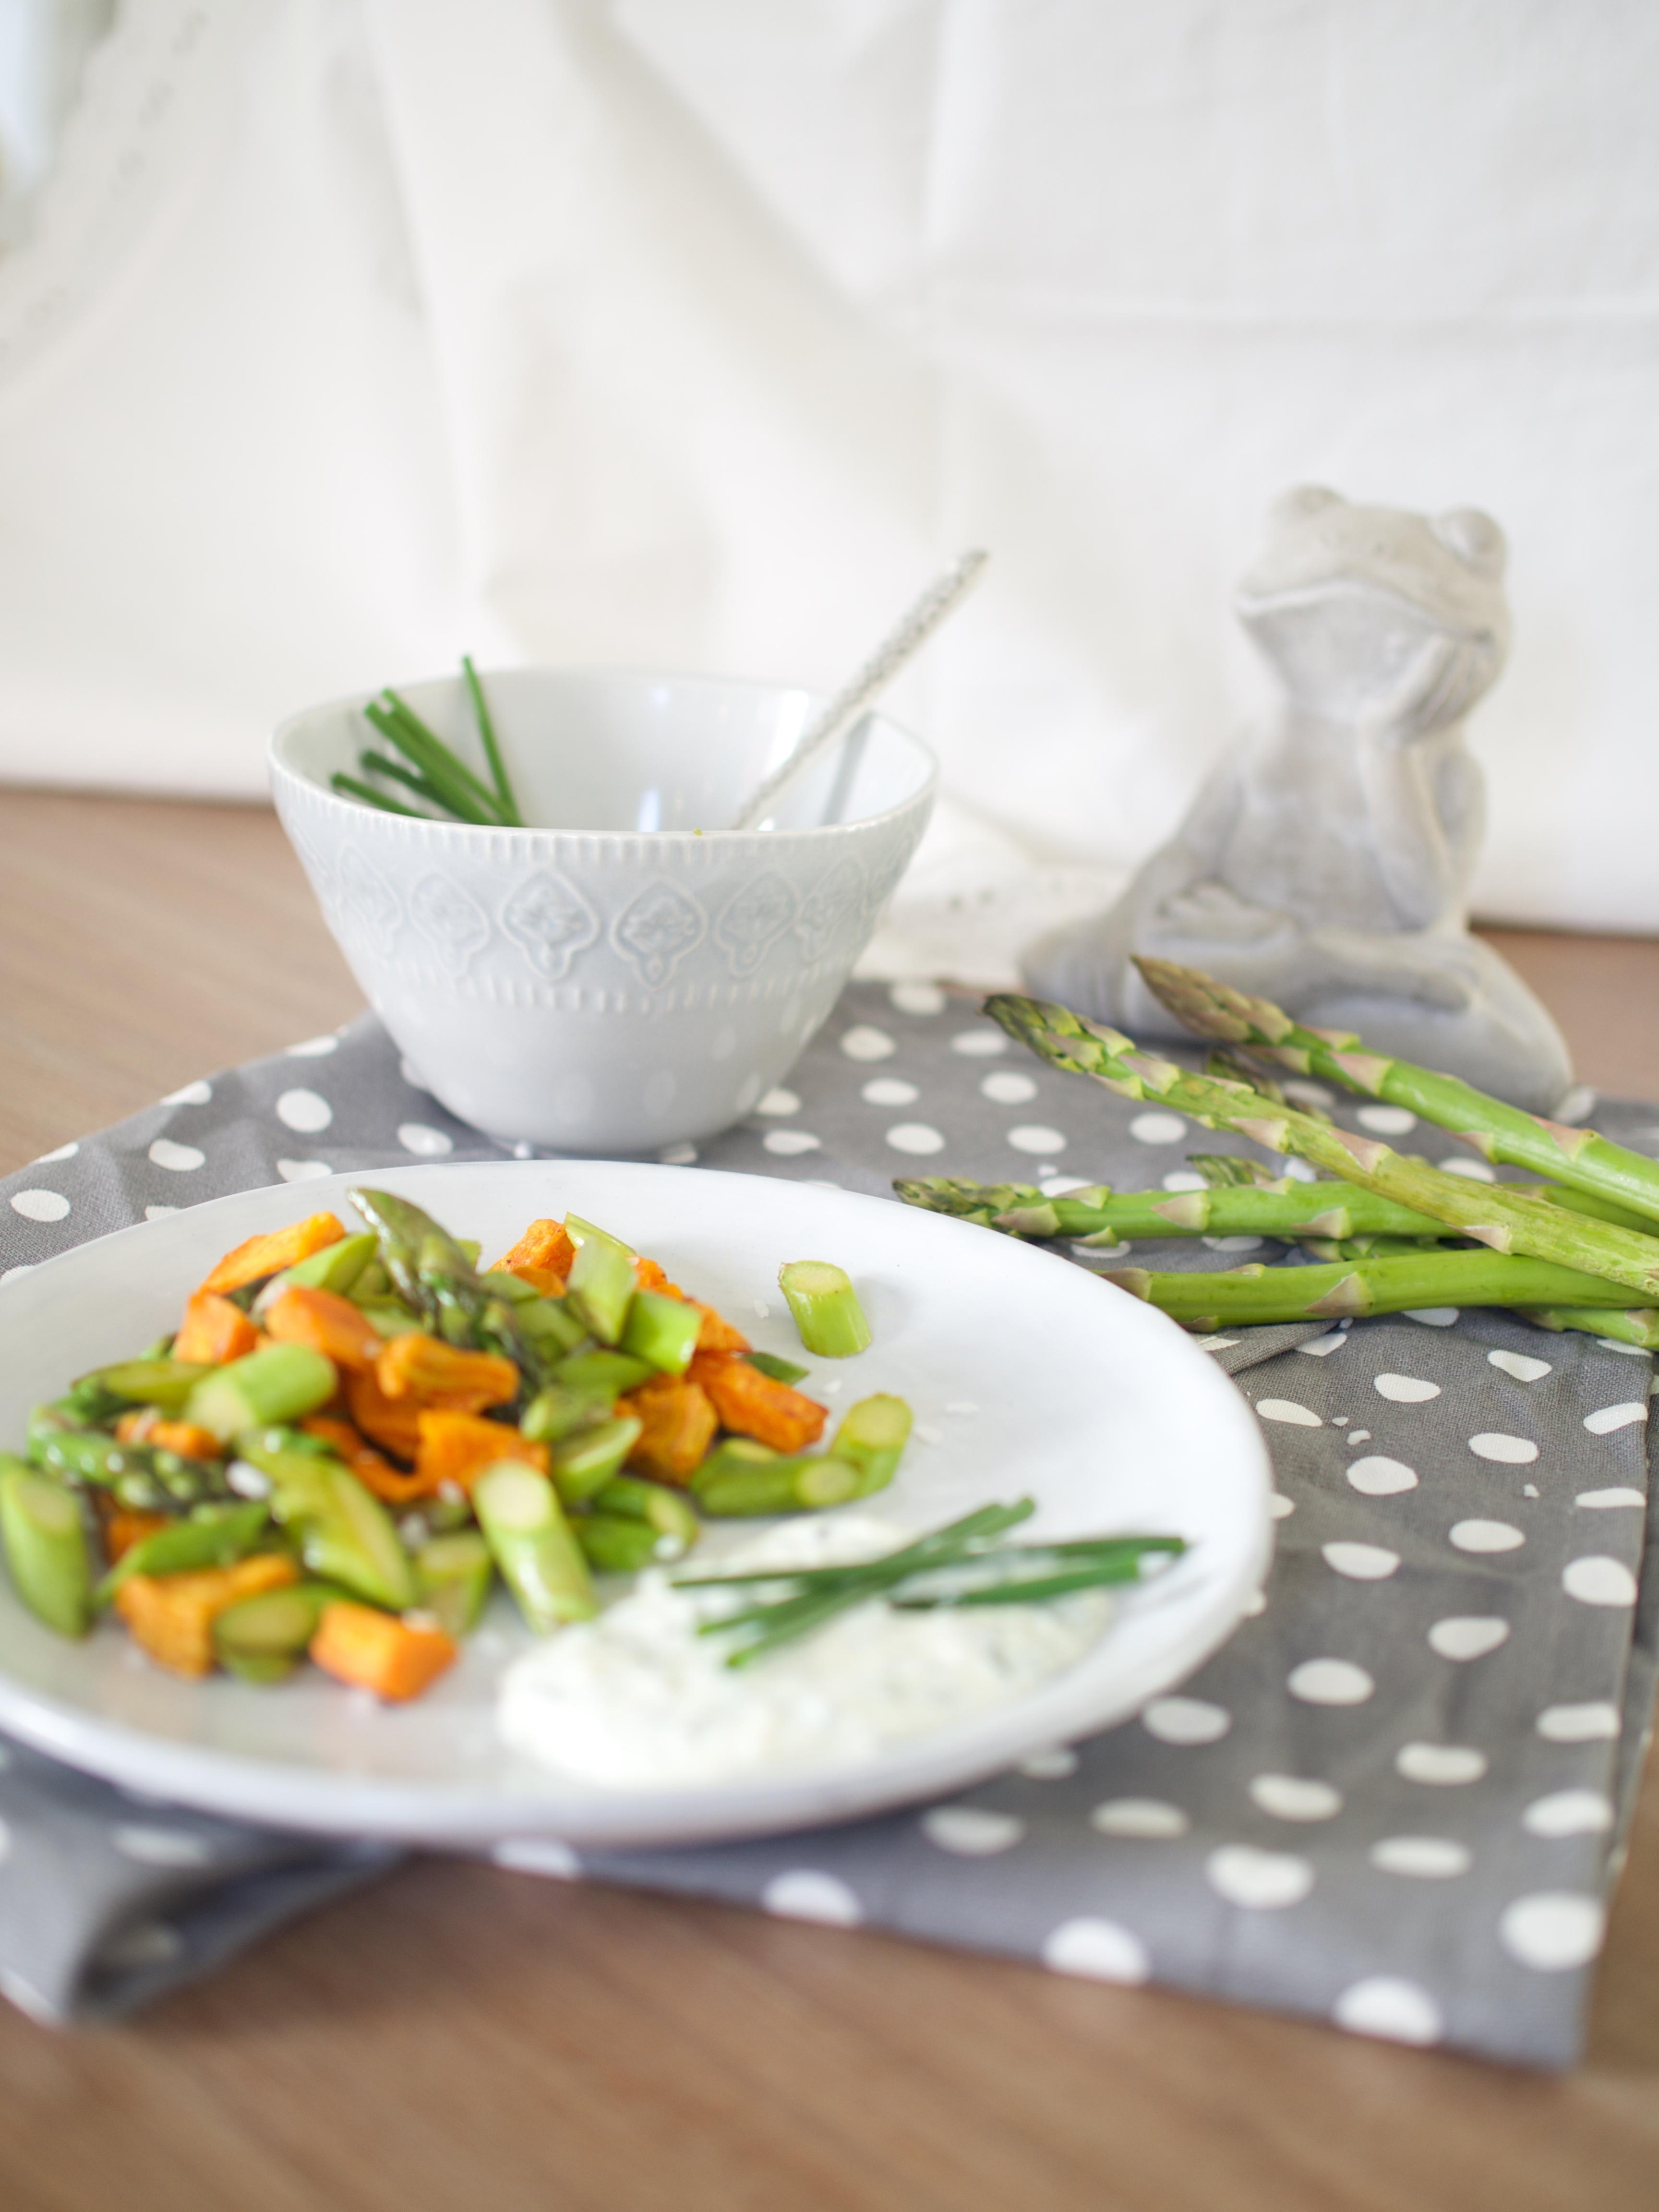 Schnelle, gesunde Rezepte für jeden Tag - grüner Spargel mit Süsskartoffeln und Kräuterquark!